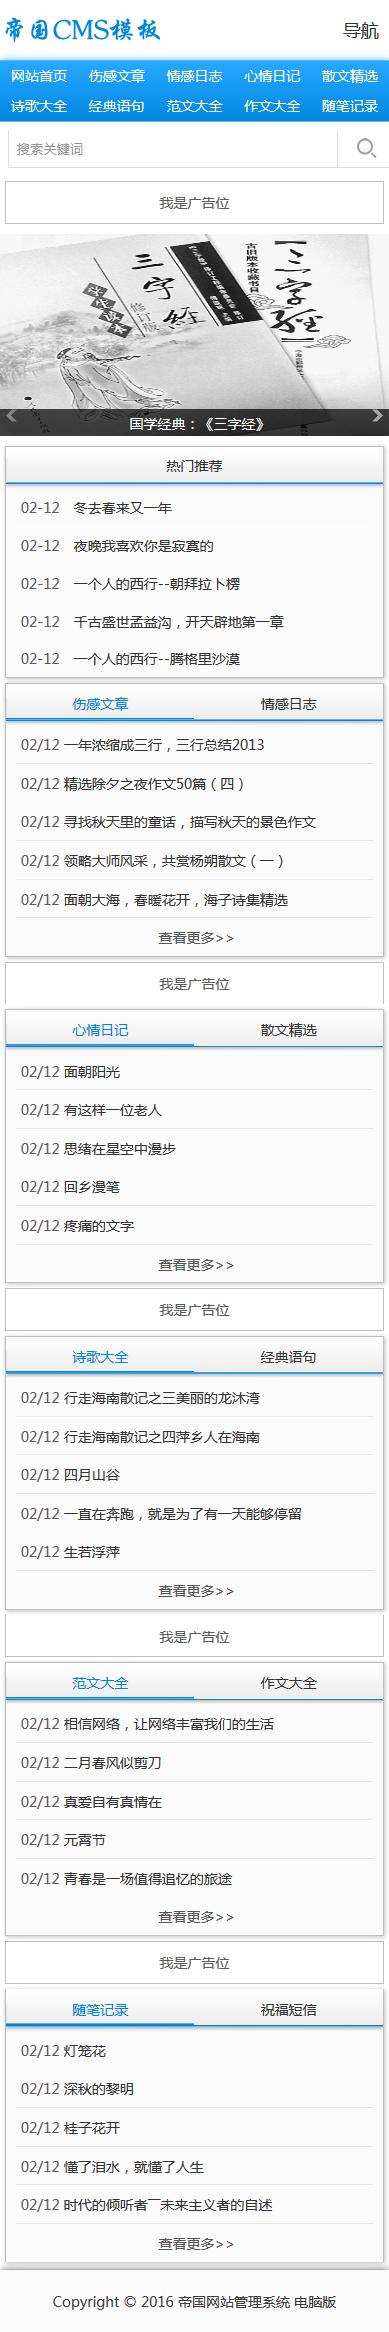 帝国cms蓝色新闻资讯文章模板加手机wap模板_手机版首页